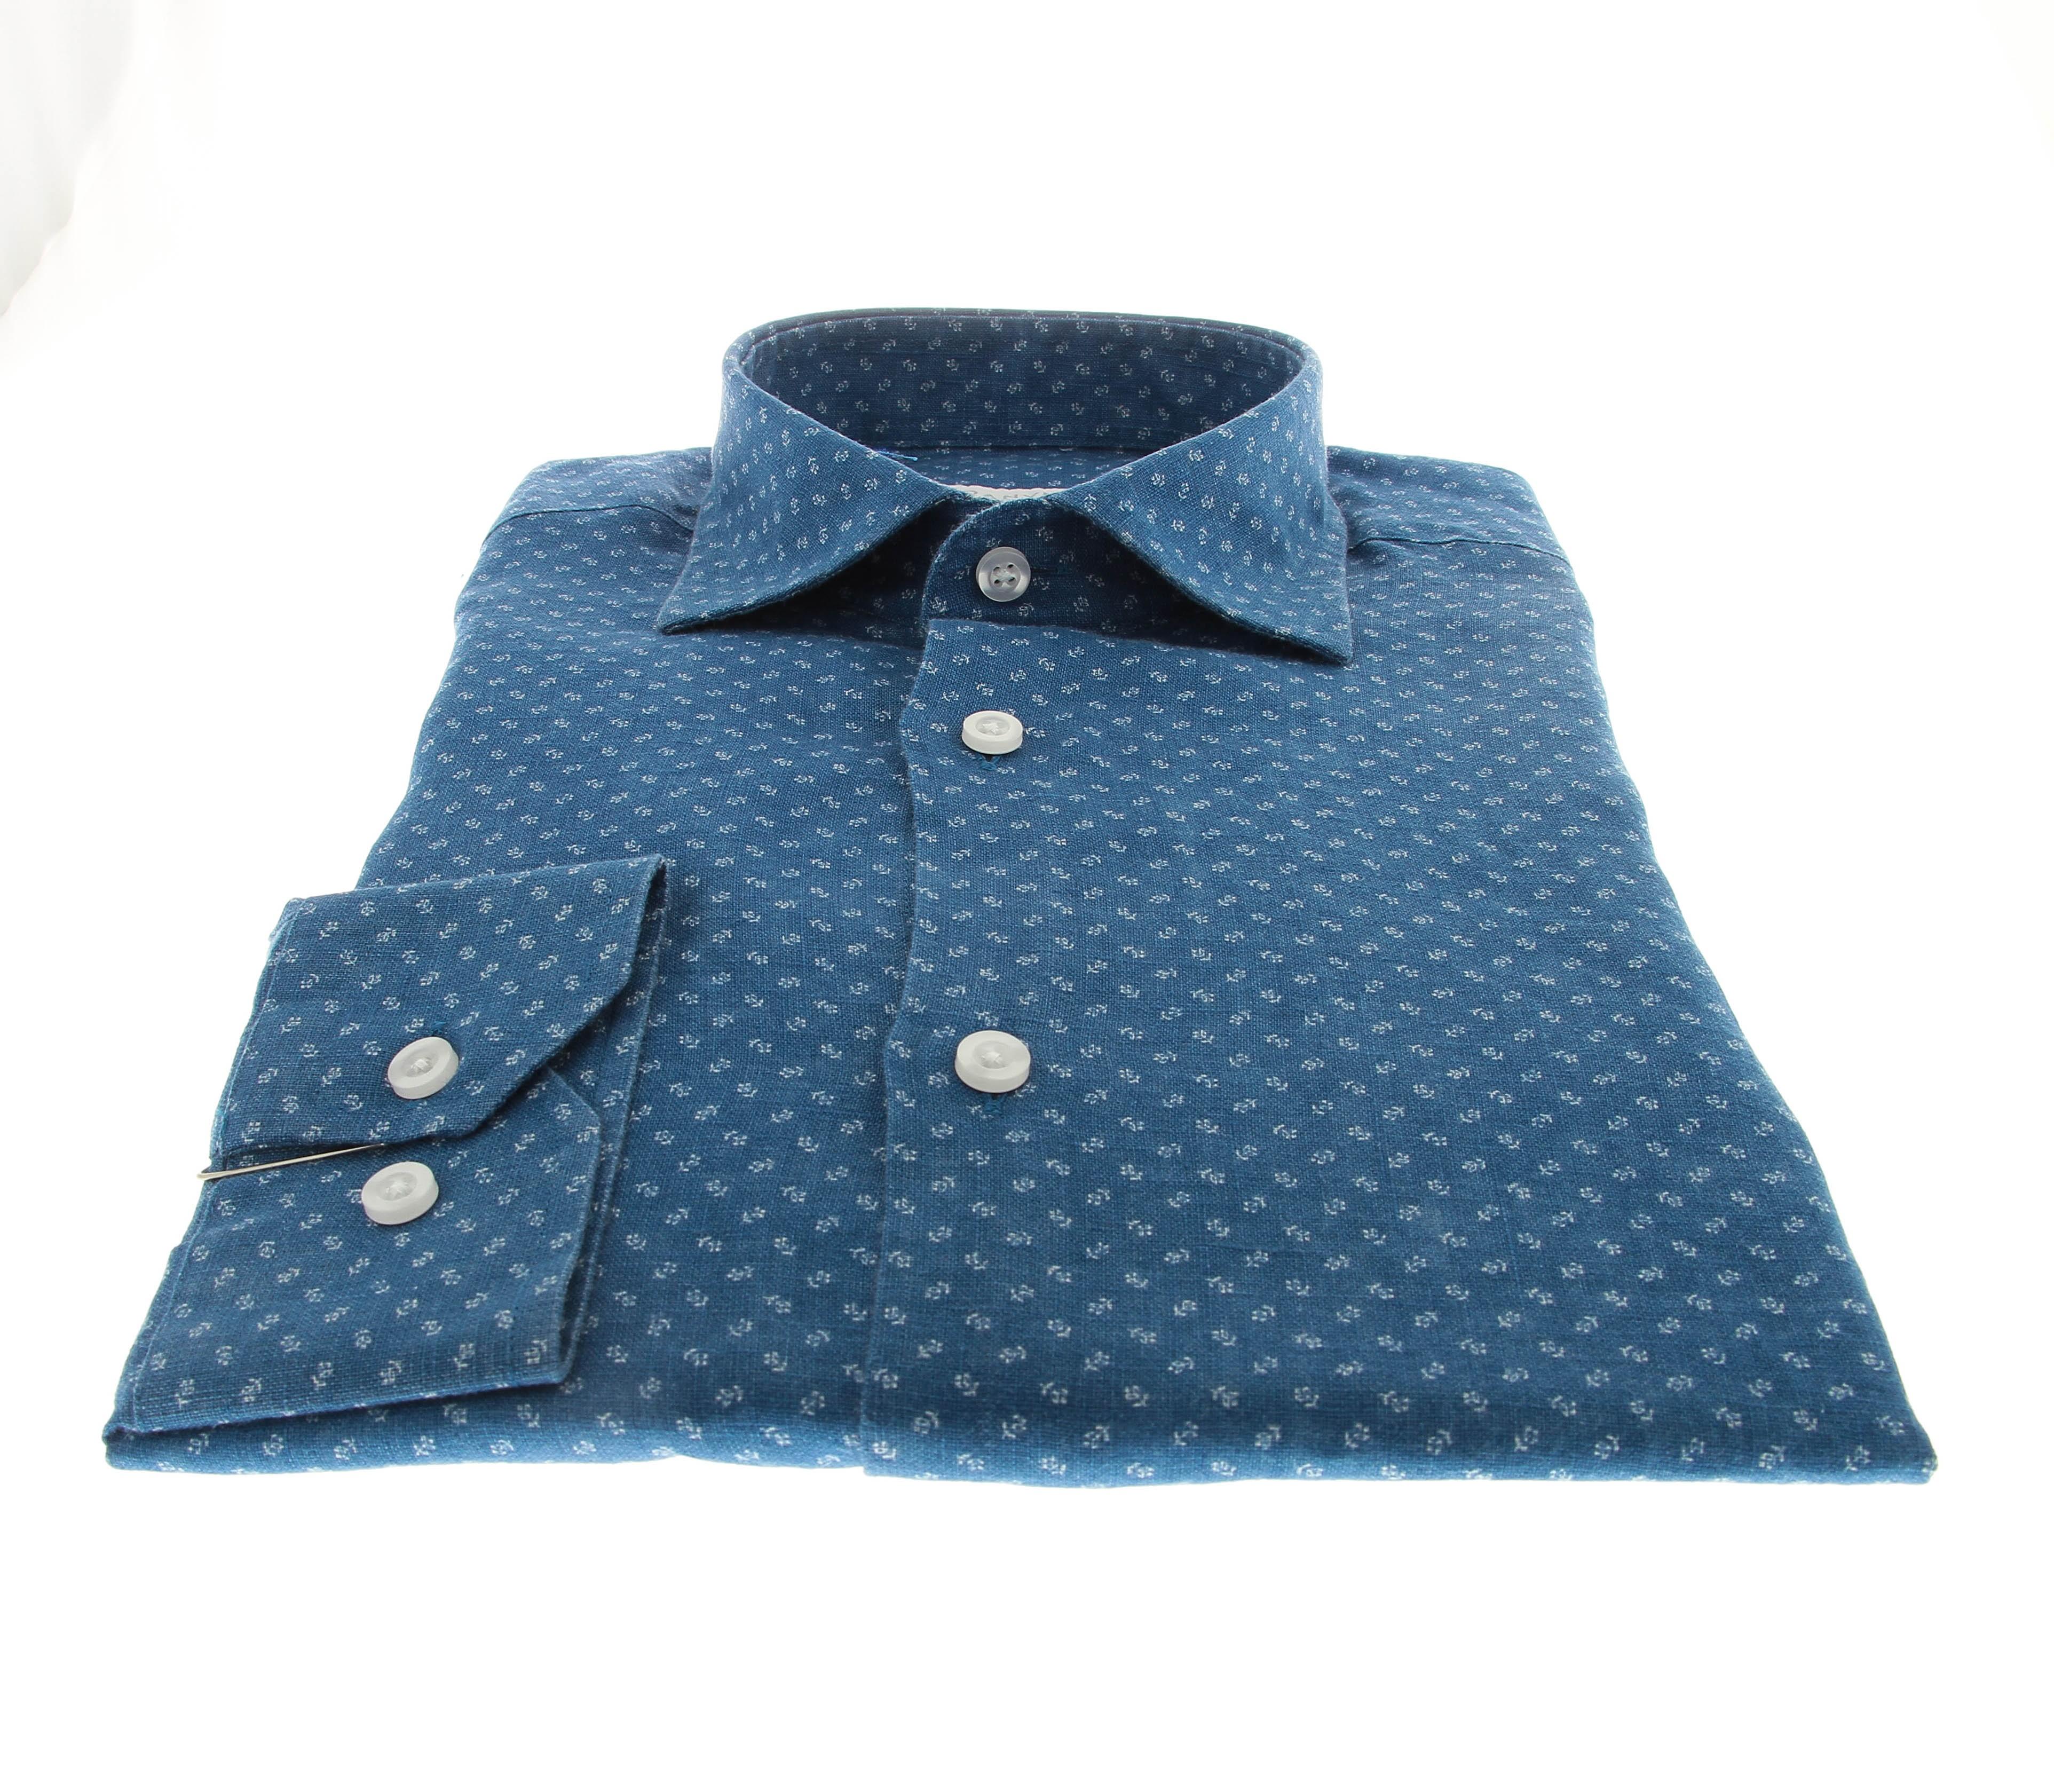 Chemise Summer : Bleu - Petit motif - Petit col français (chemise)